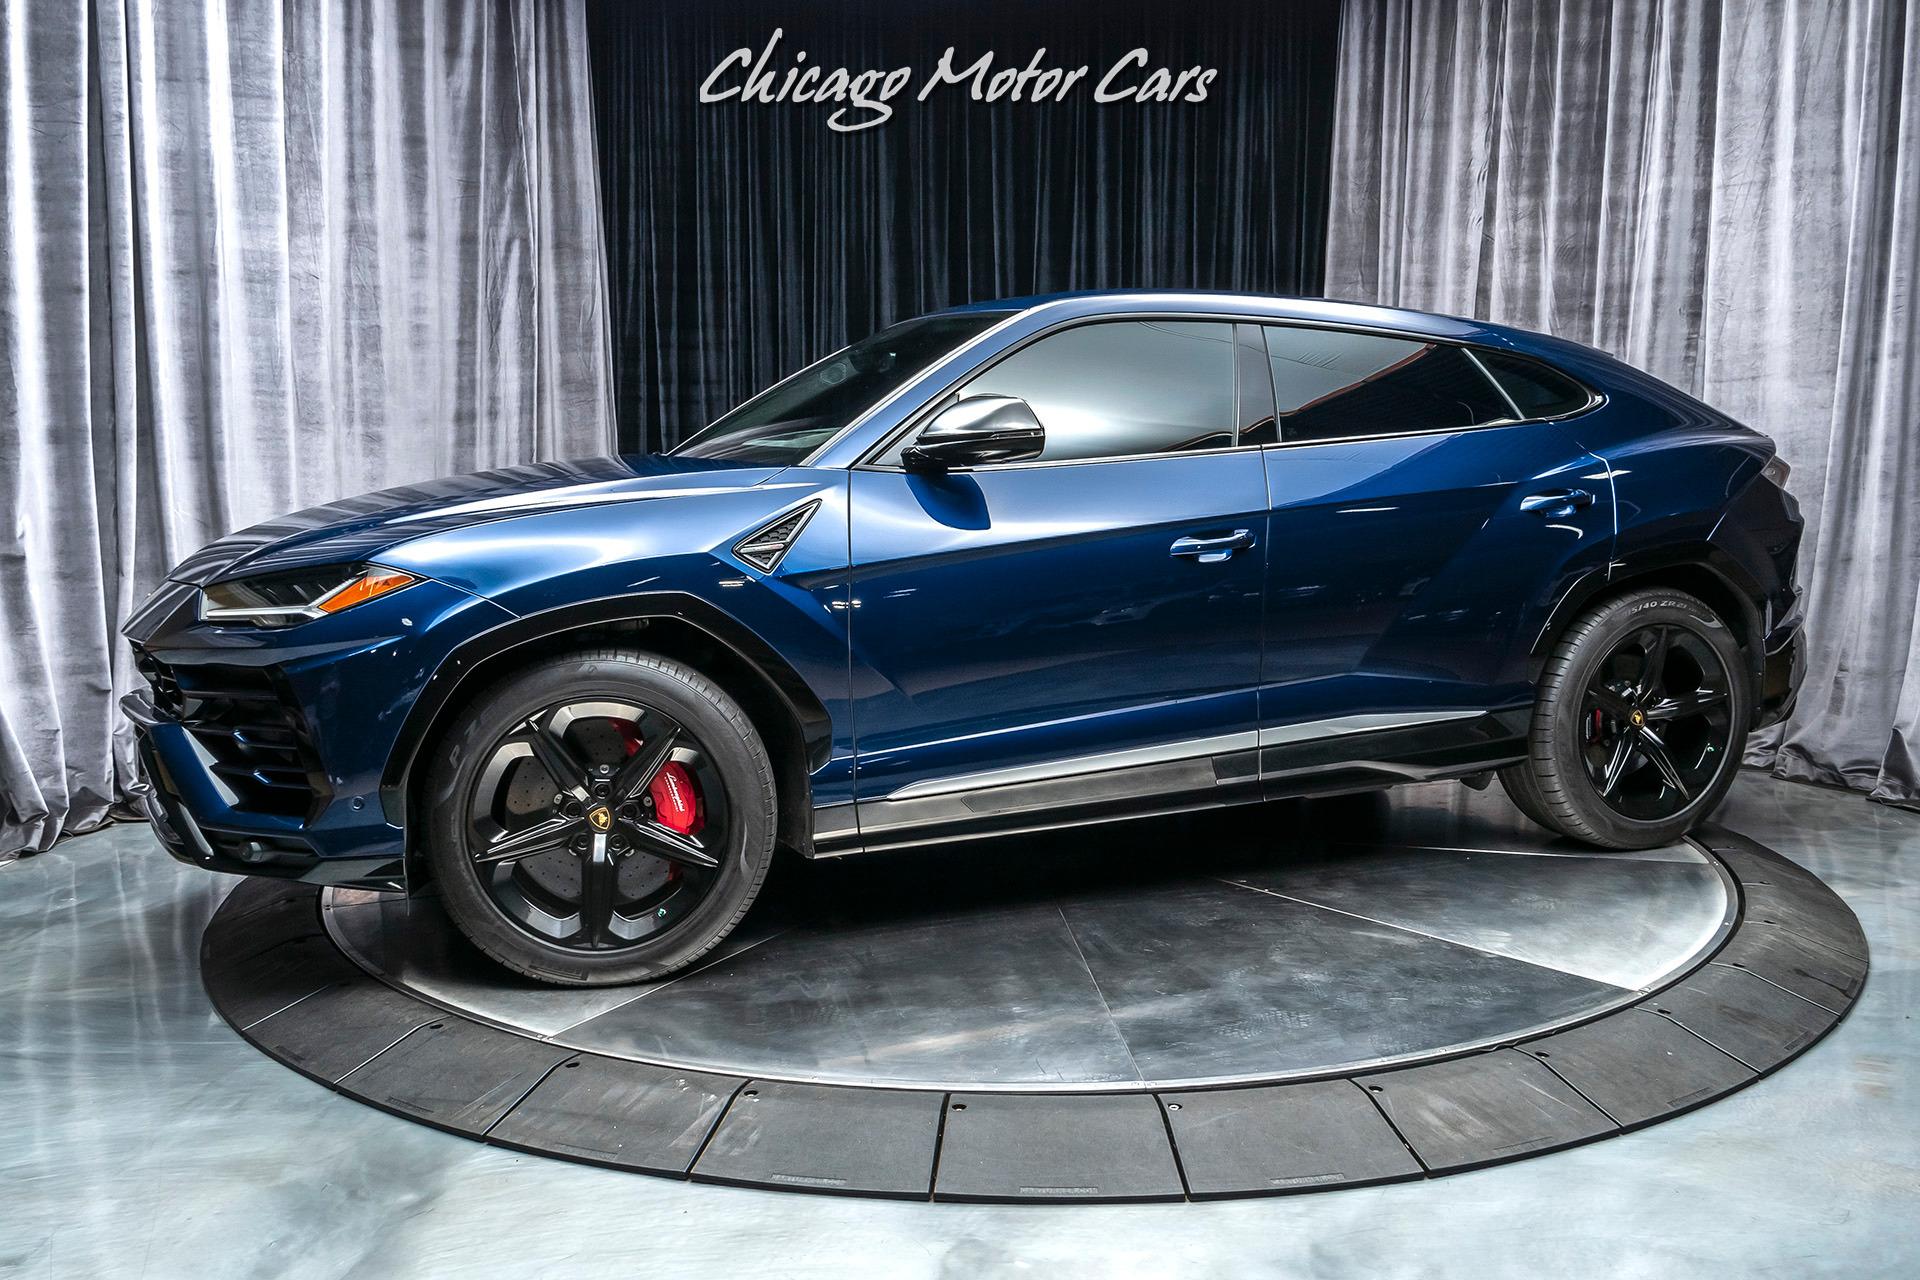 Used 2019 Lamborghini Urus SUV MSRP $241K+ REAR SEAT